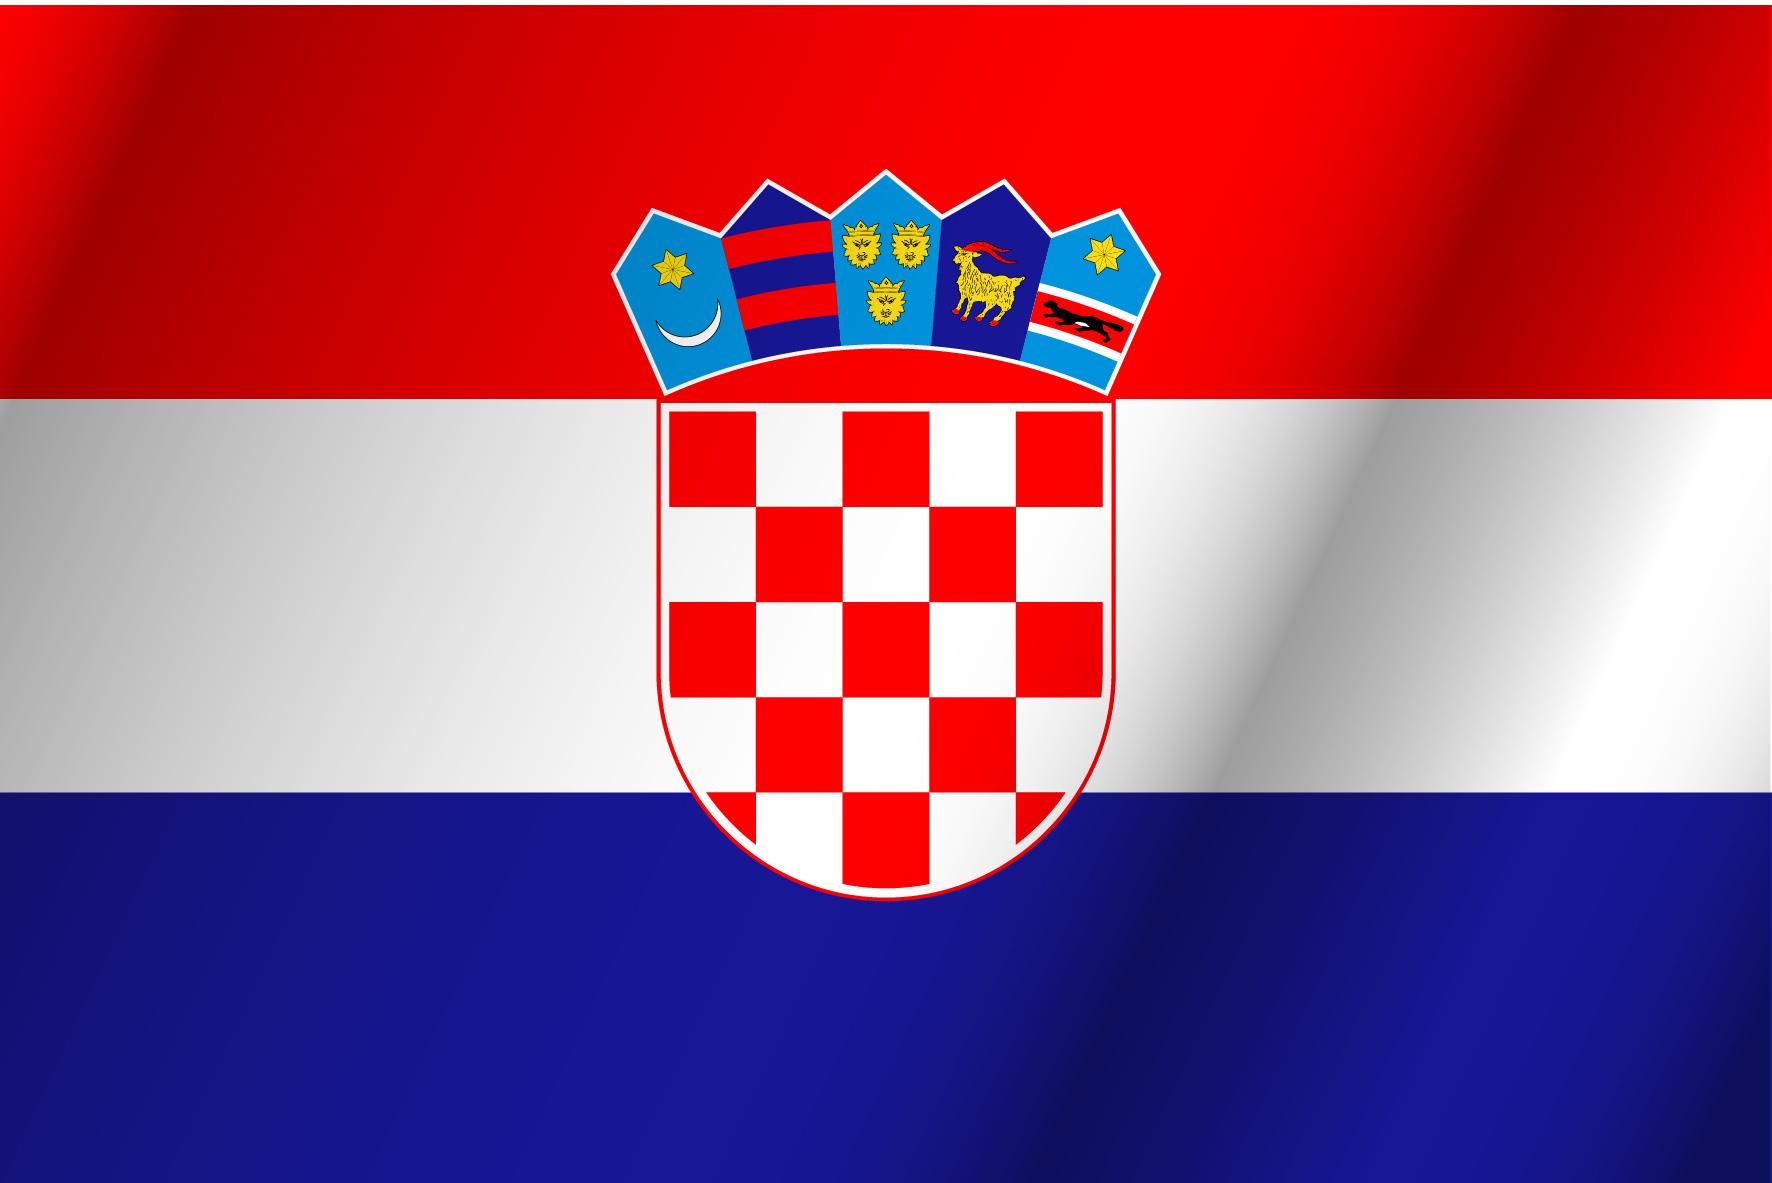 Paises bandera roja azul y blanco